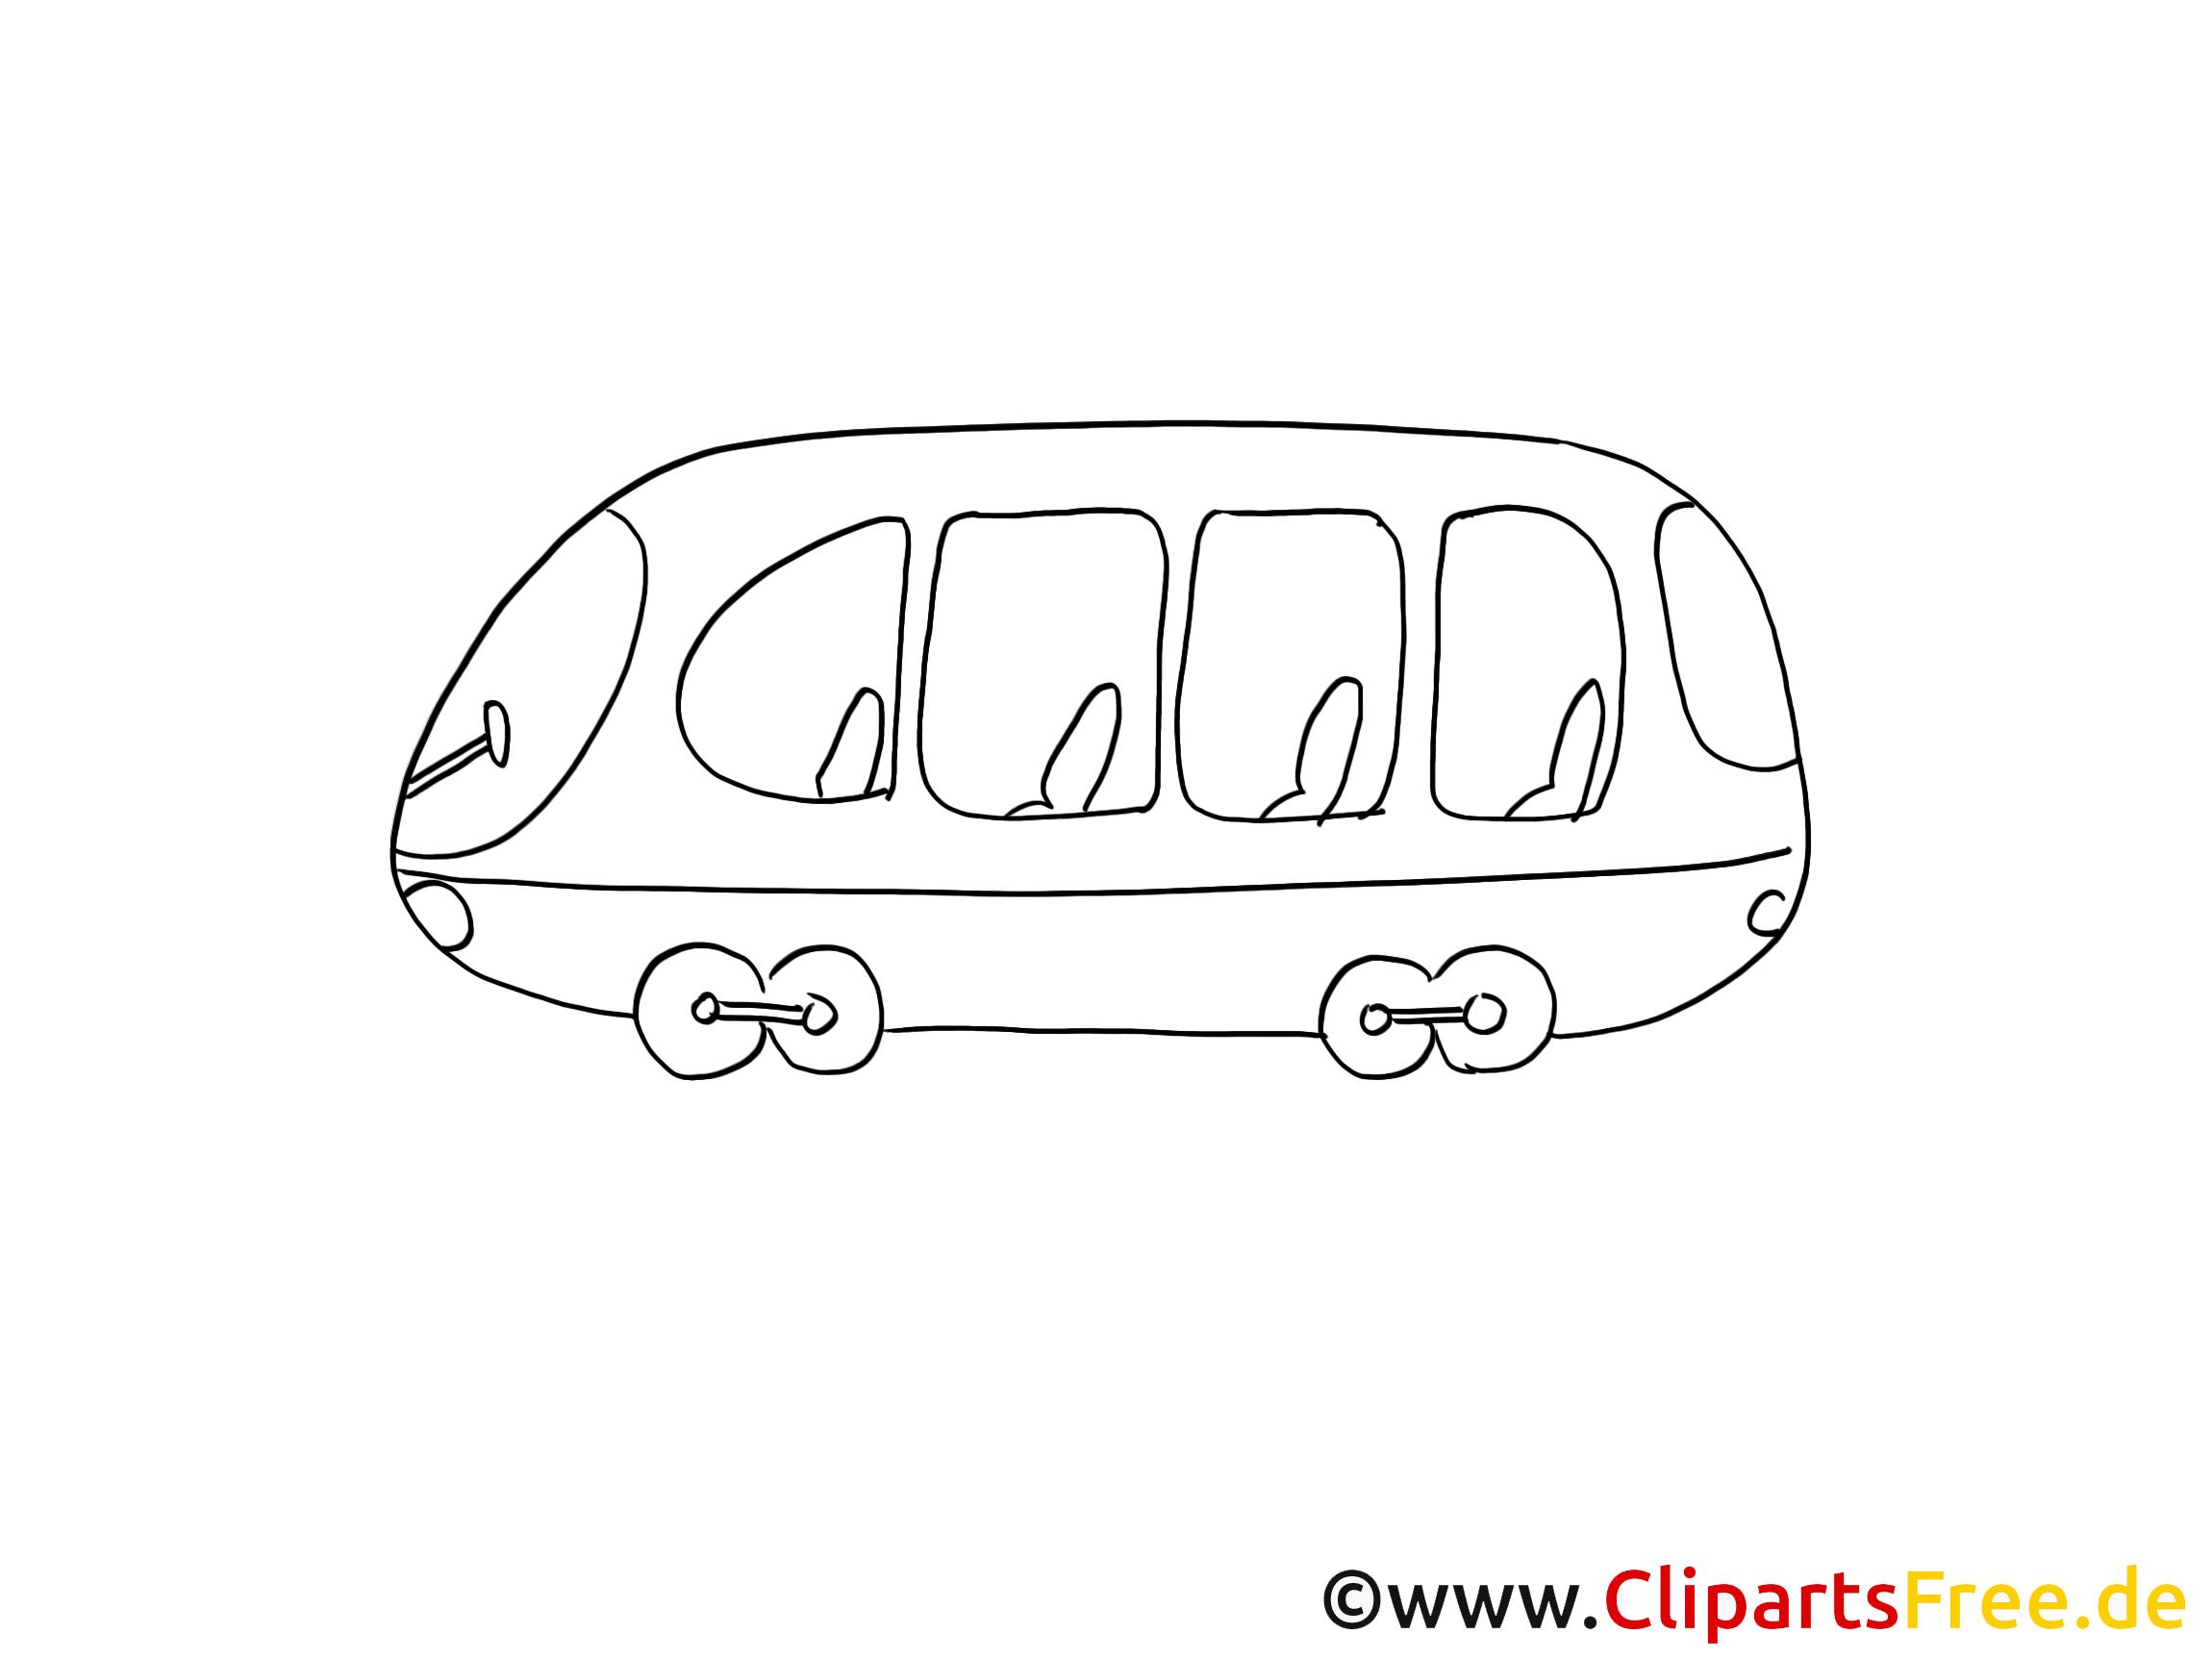 Tramway image à colorier gratuite